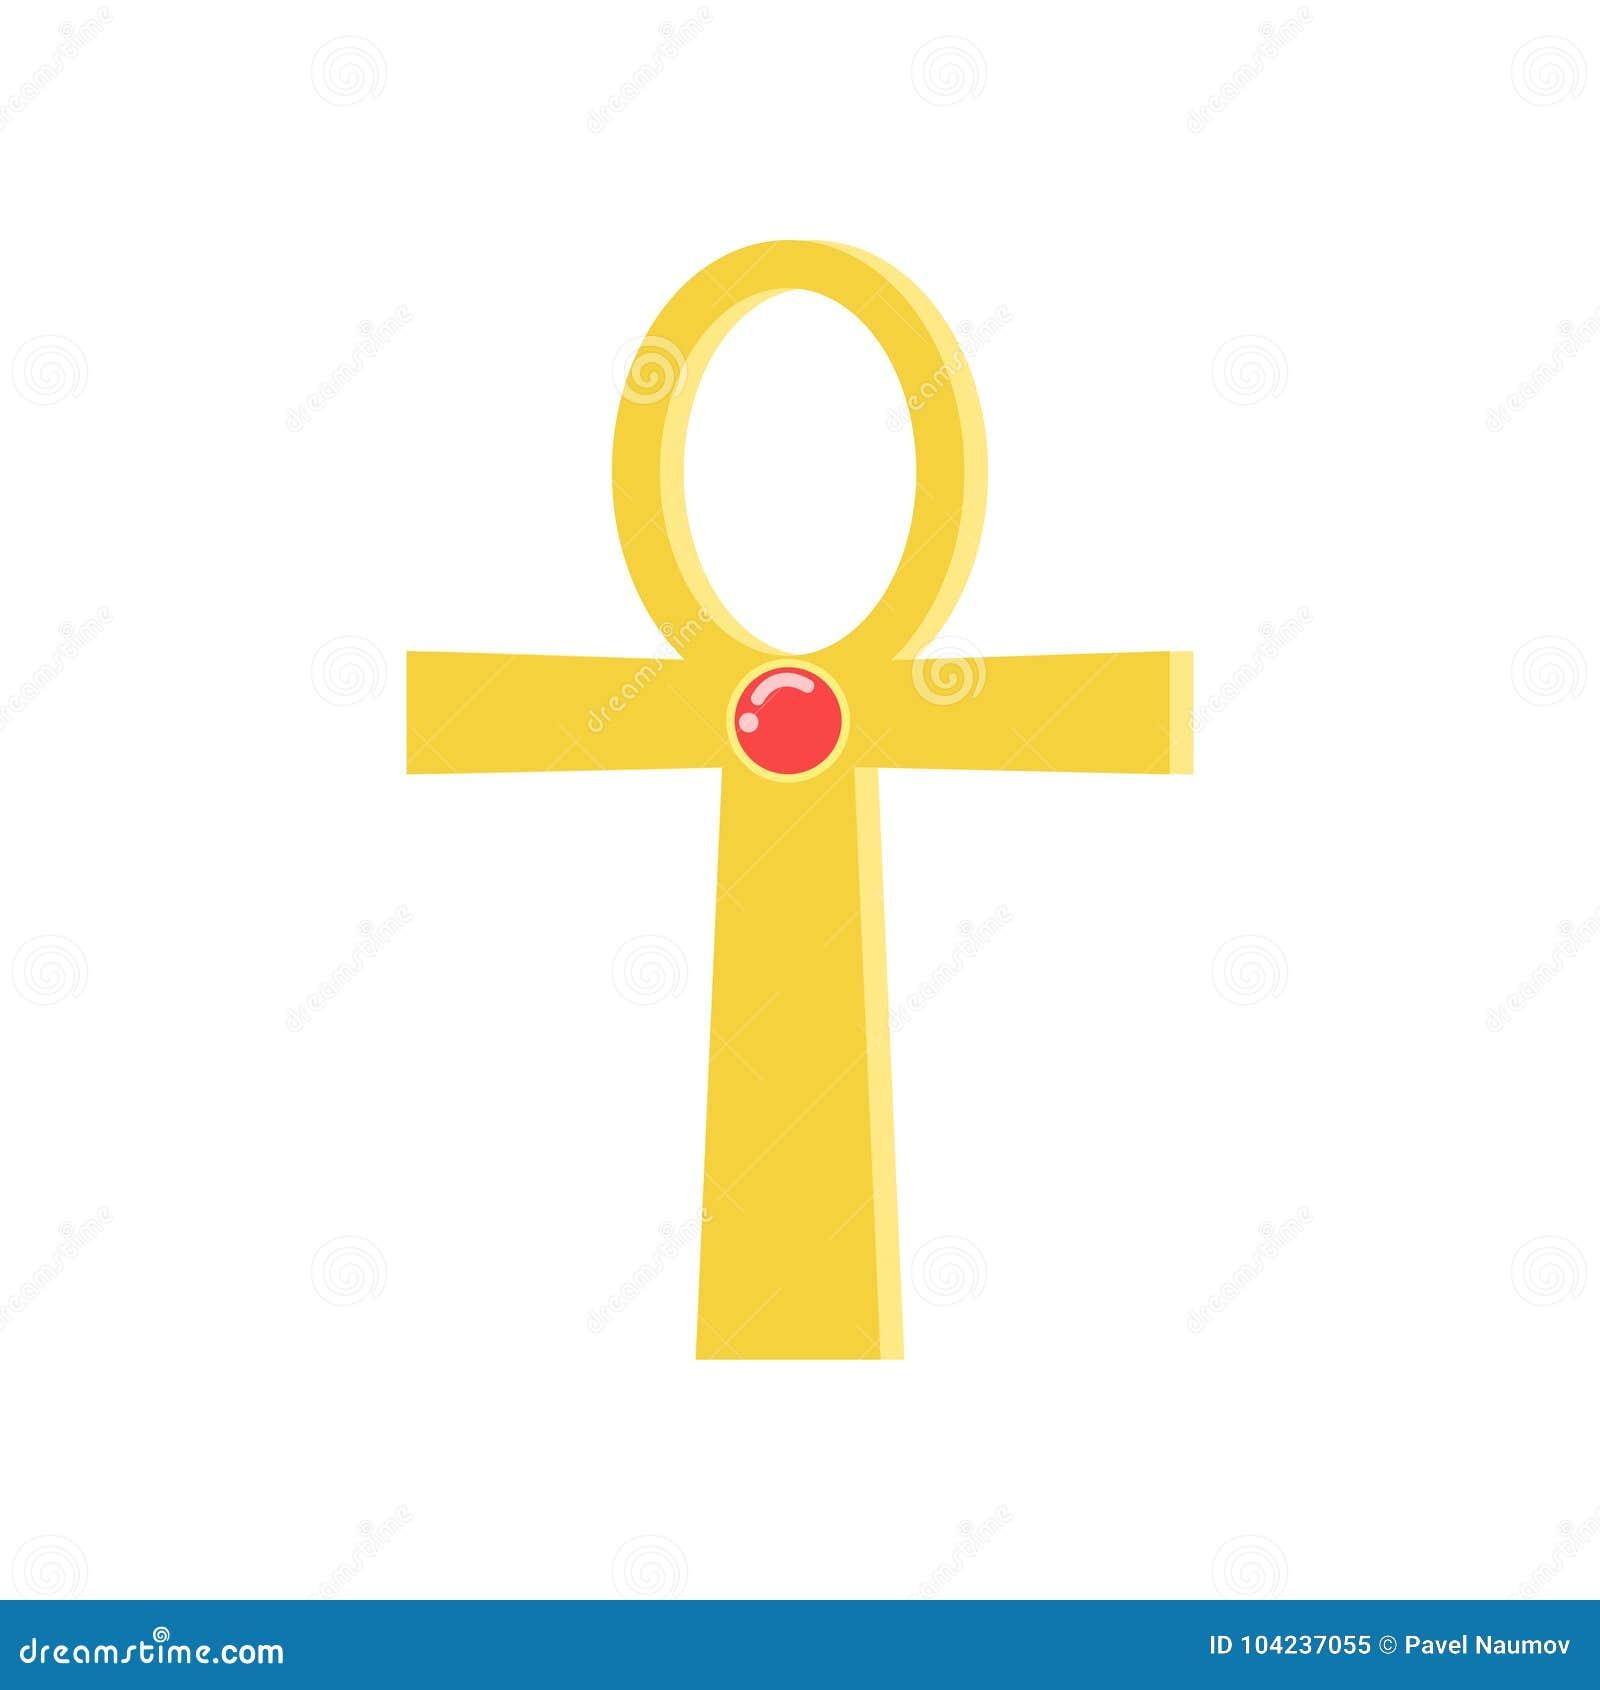 Ankh cruza, la muestra religiosa de la cruz egipcia antigua, símbolo de la vida, vector egipcio tradicional de la cultura